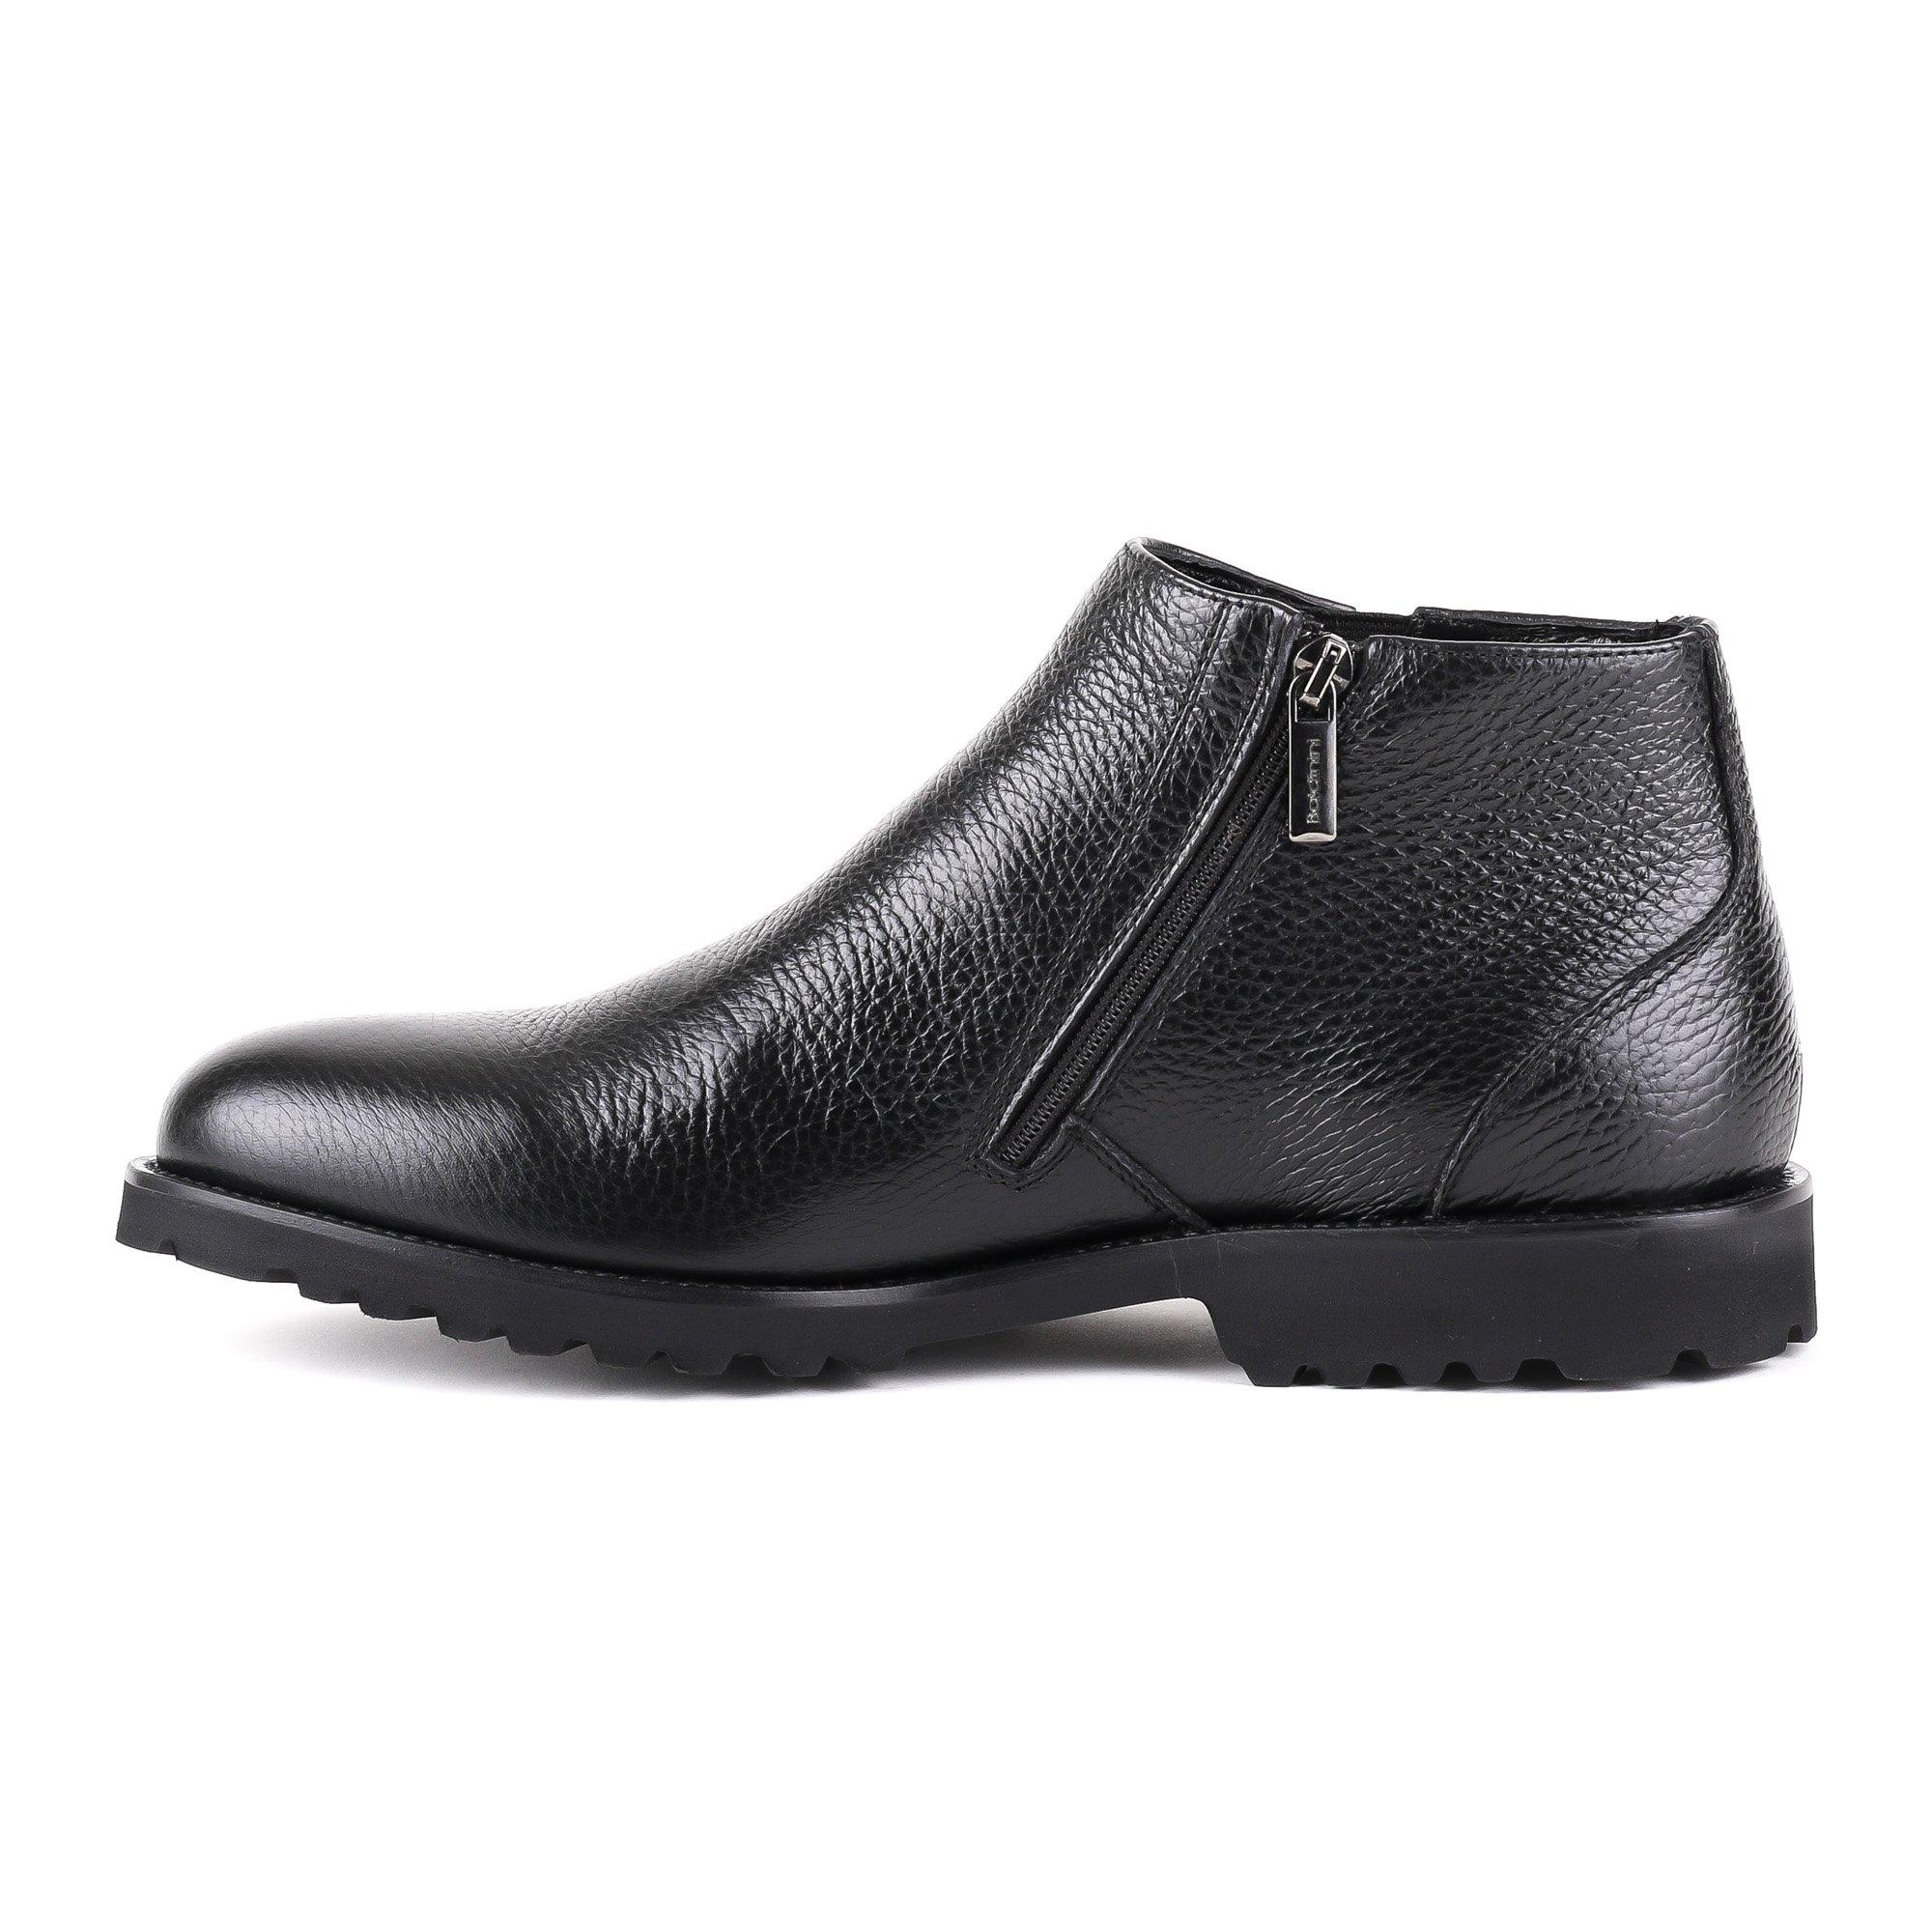 мужская обувь балдинини фото продуктивная порода, имеющая